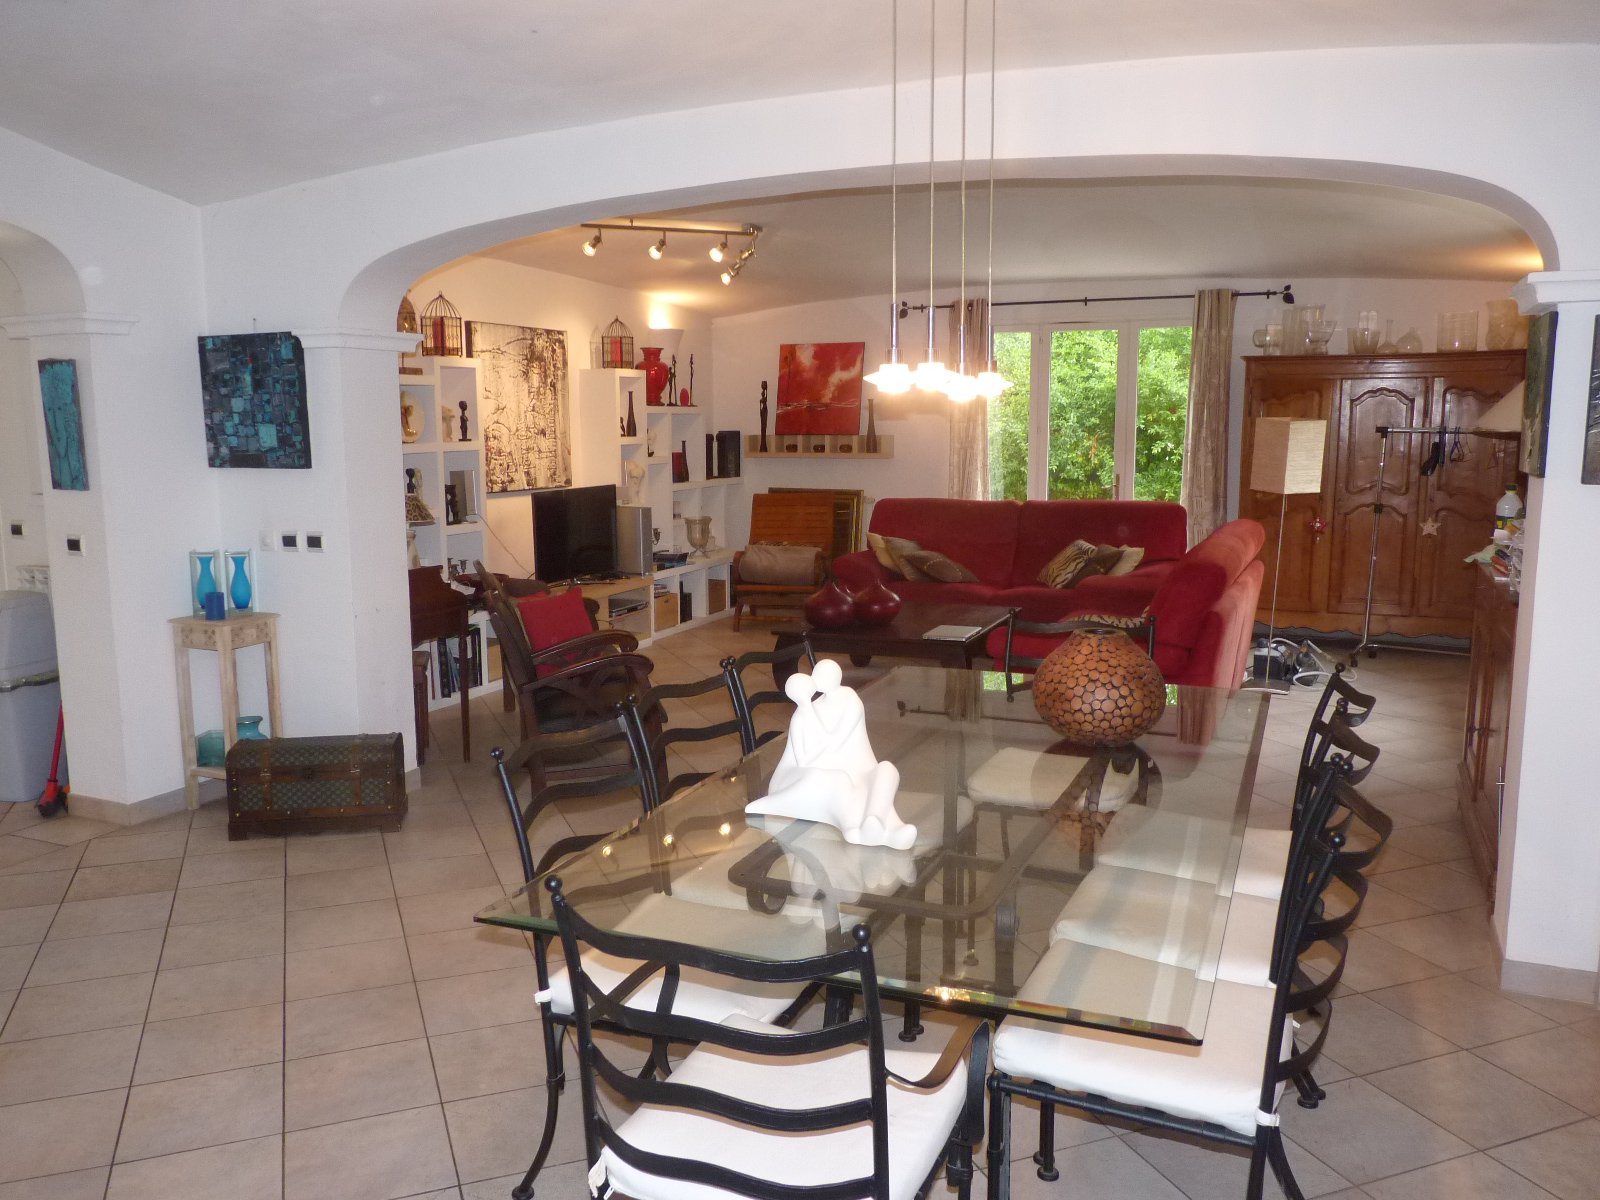 Magagnosc, belle villa avec vue degagee au calme, grand sejour lumineux ! belles prestations, 10 pieces, belle piscine sur un terrain de 2500 m2